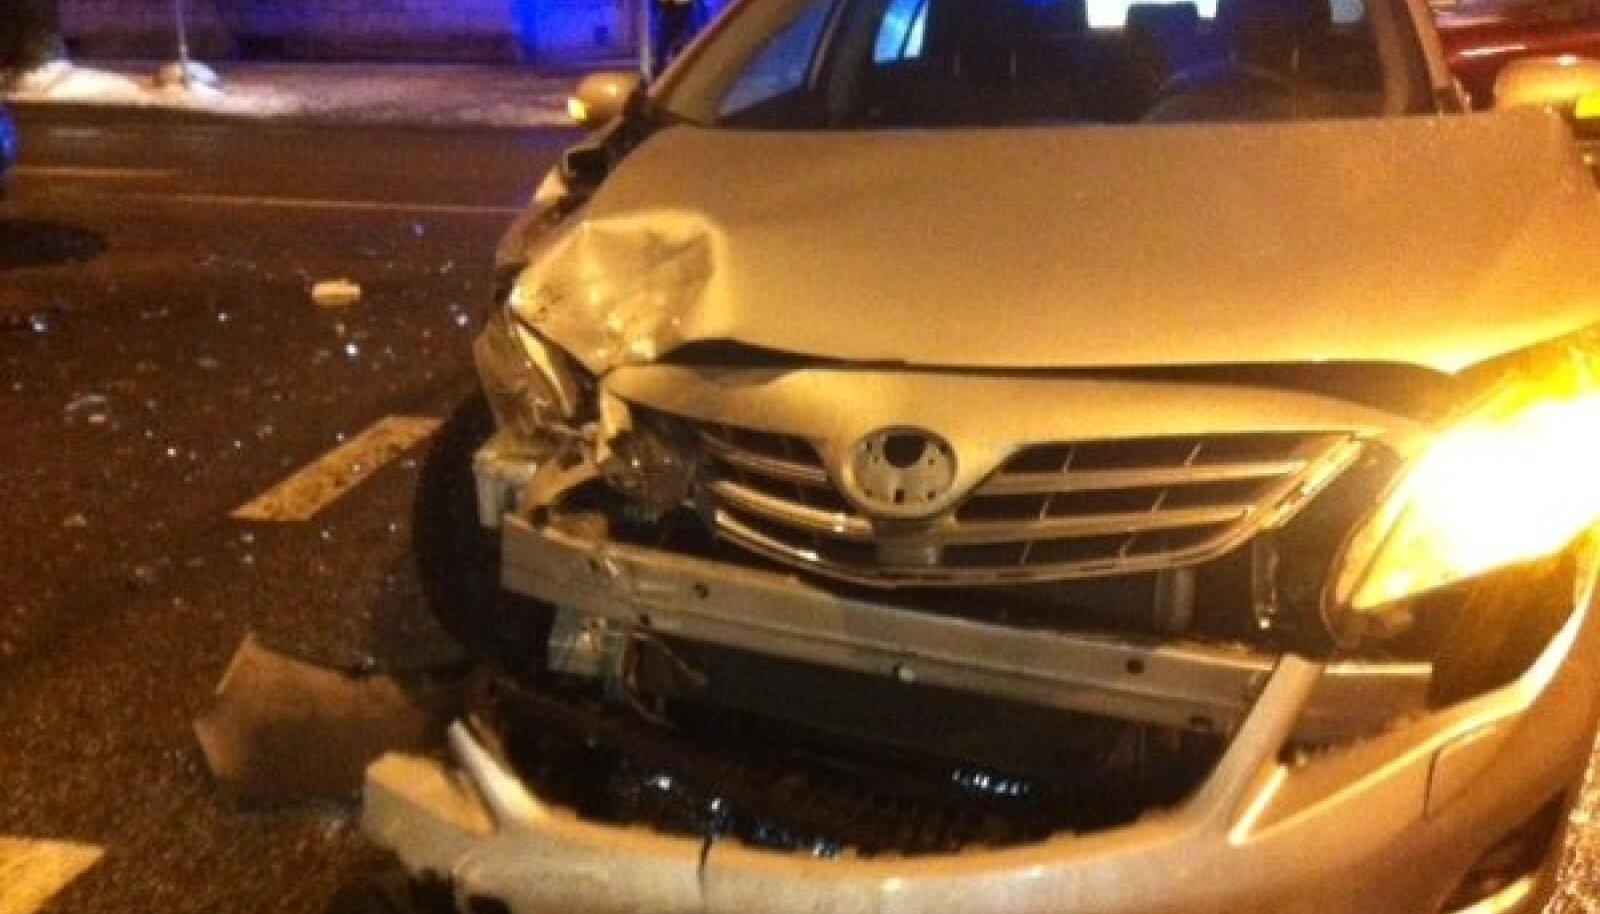 Mullu novembri lõpus Tallinnas õnnetusse sattunud Vene saatkonna auto